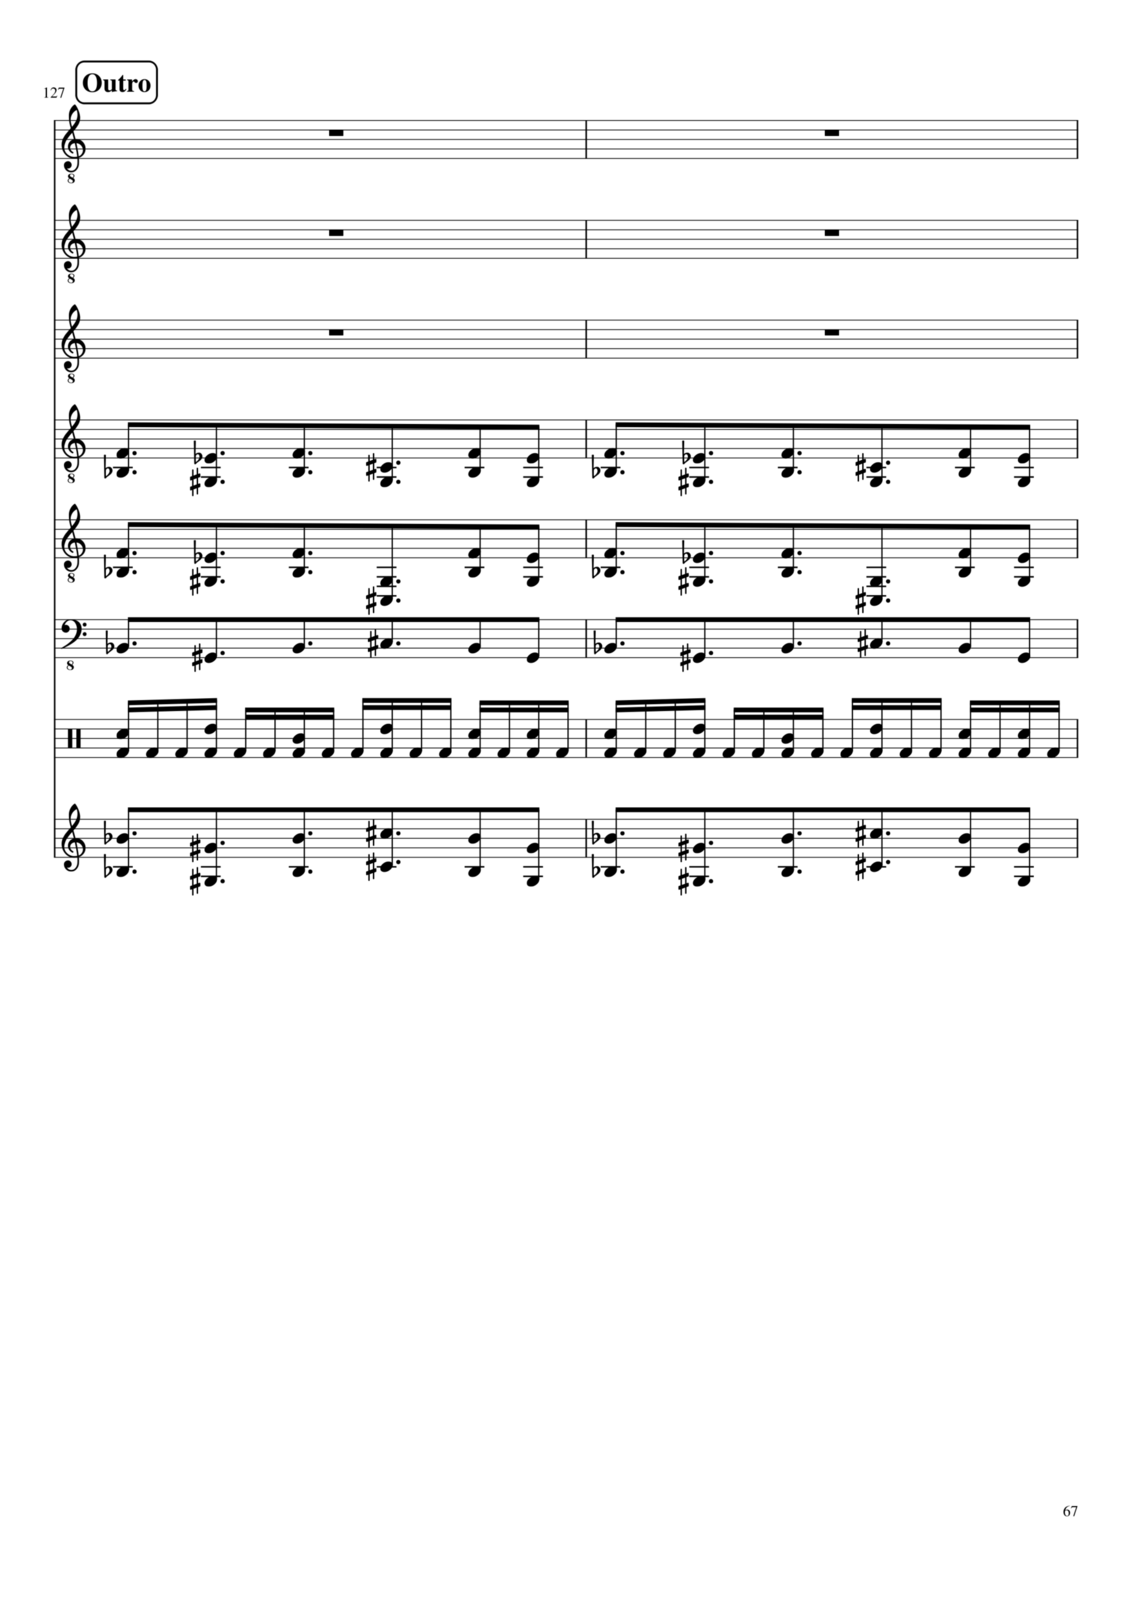 Vyibor Est slide, Image 67